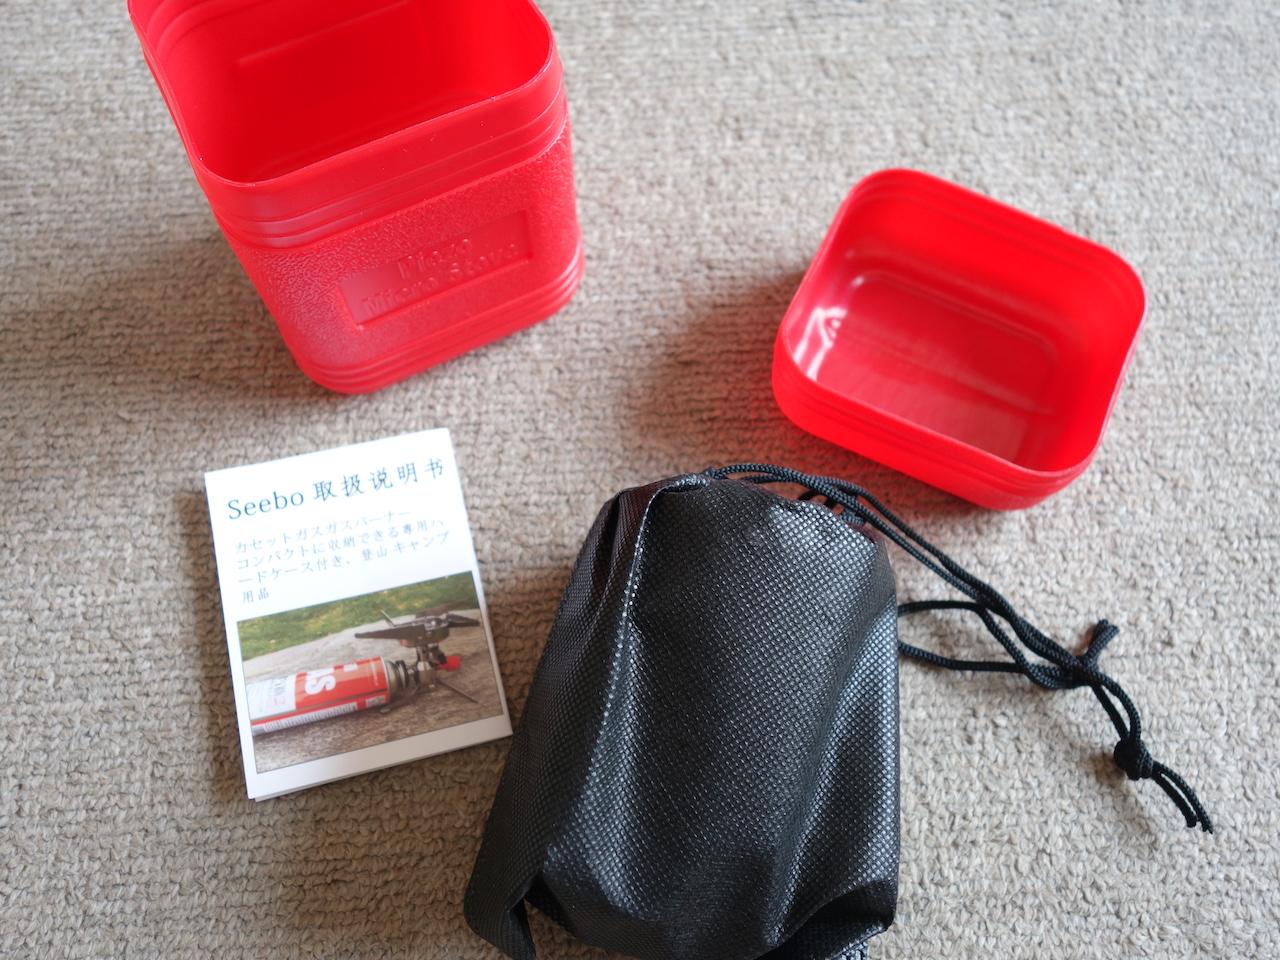 登山向けのコンパクトなカセットガス対応のガスコンロを買ってみた!ソロキャンパーはこれで十分かもね